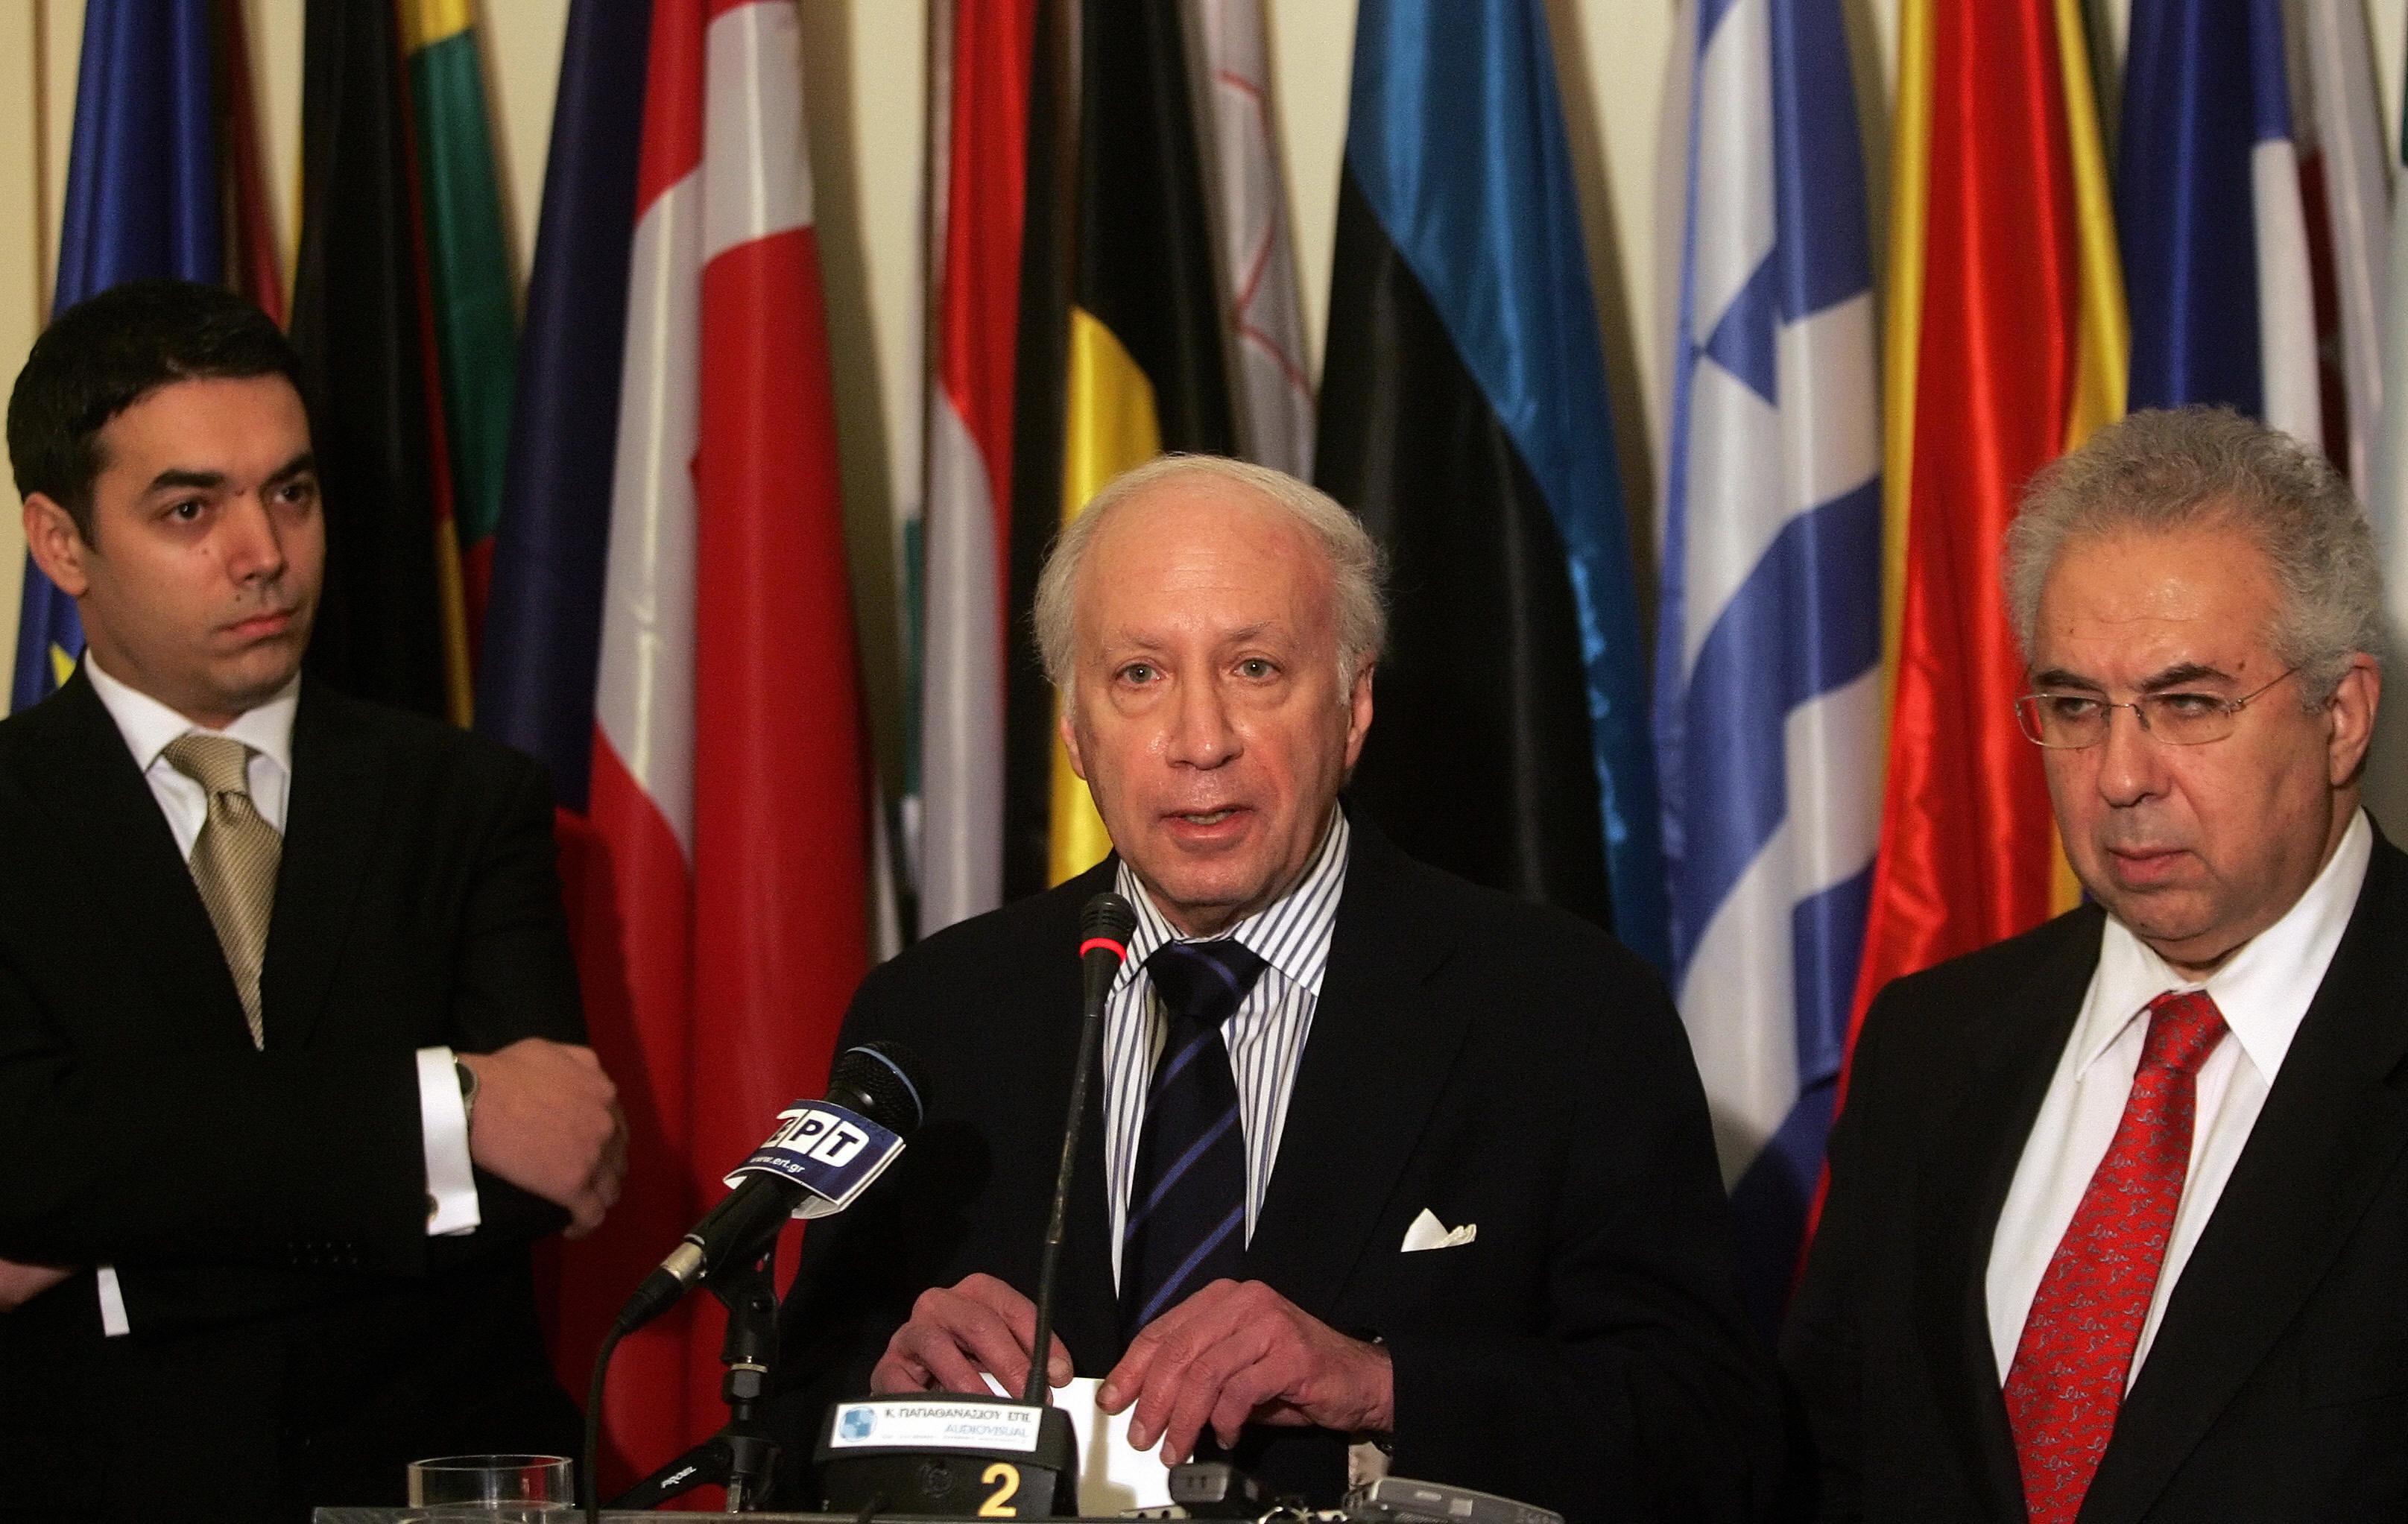 Πώς επηρεάζει η πολιτική ρευστότητα στα Σκόπια τις διαπραγματεύσεις στη Νέα Υόρκη υπό τον Μάθιου